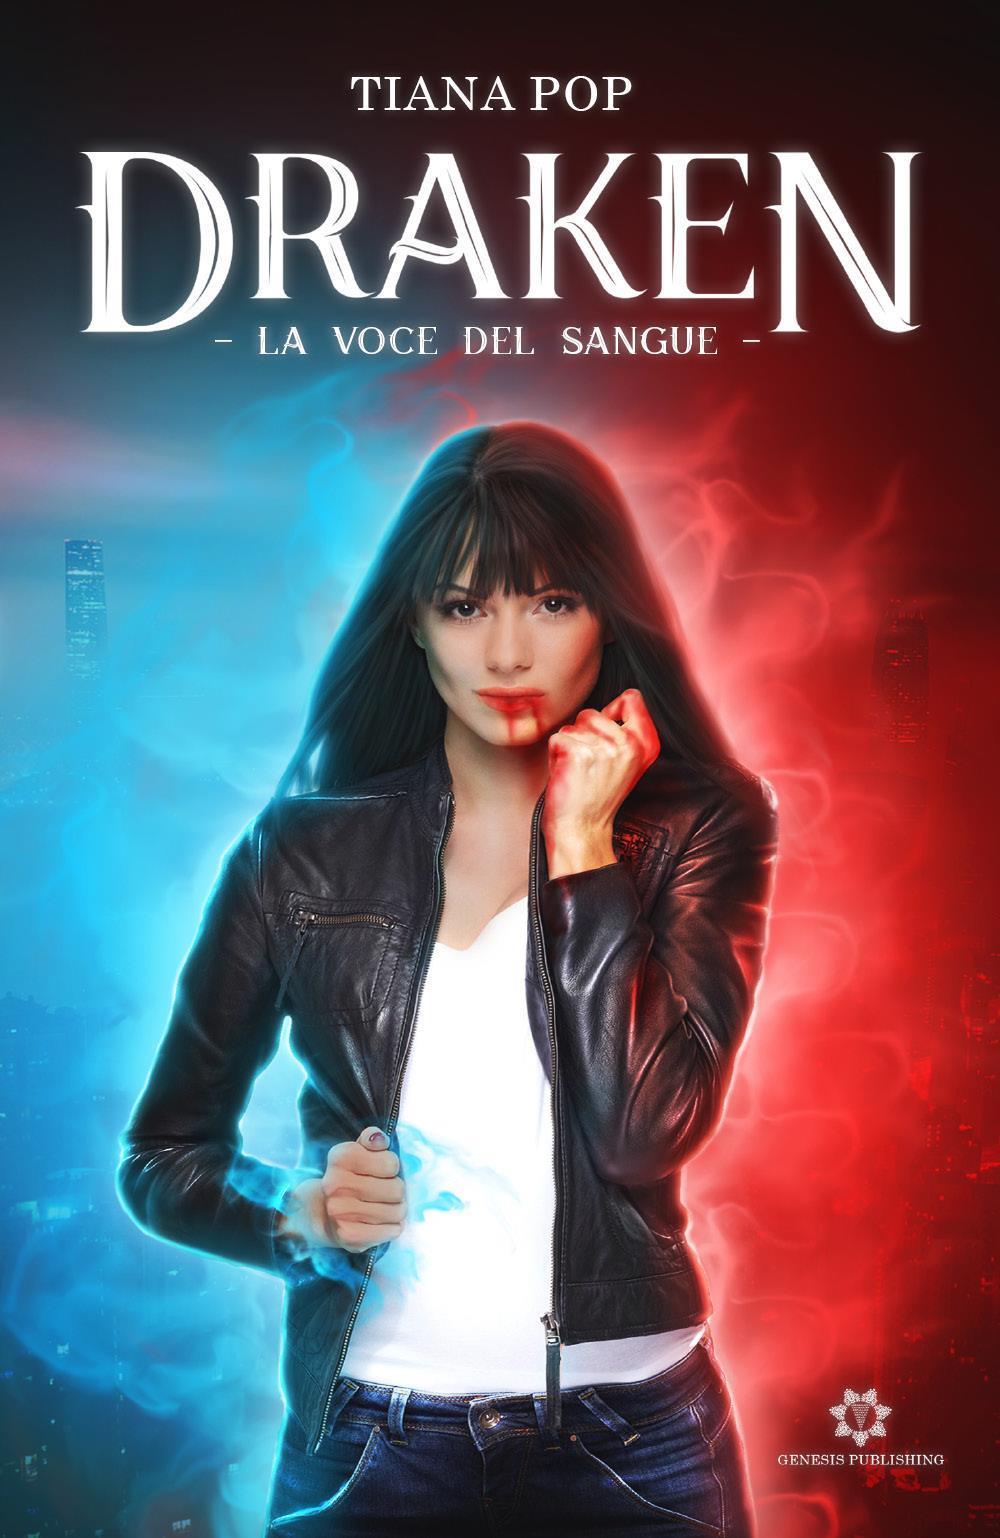 Draken - La voce del sangue - Vol. 1